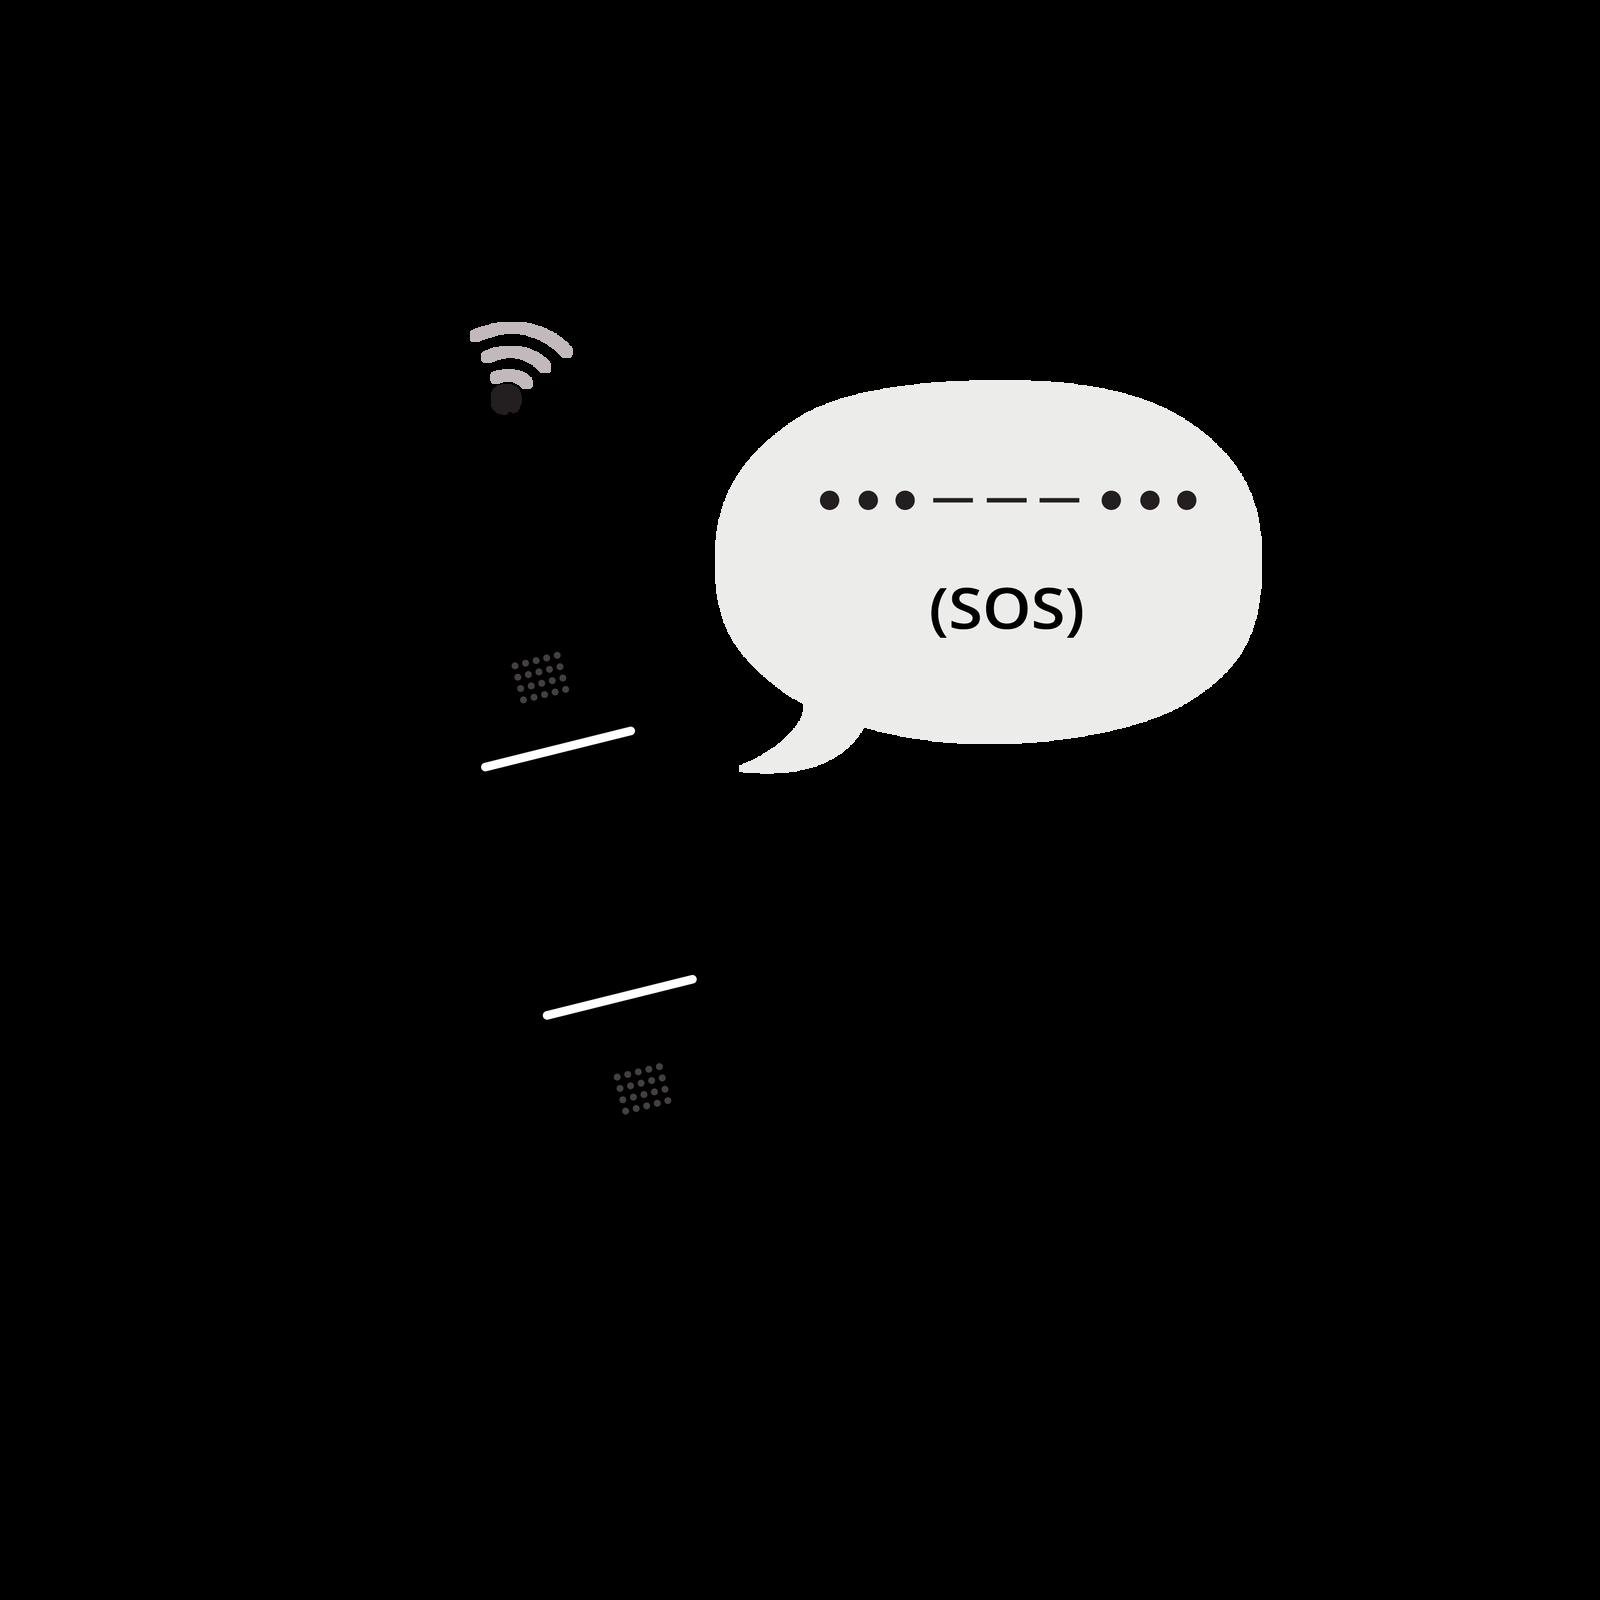 Alfabet Morse'a Źródło: Contentplus.pl sp. zo.o., licencja: CC BY 3.0.